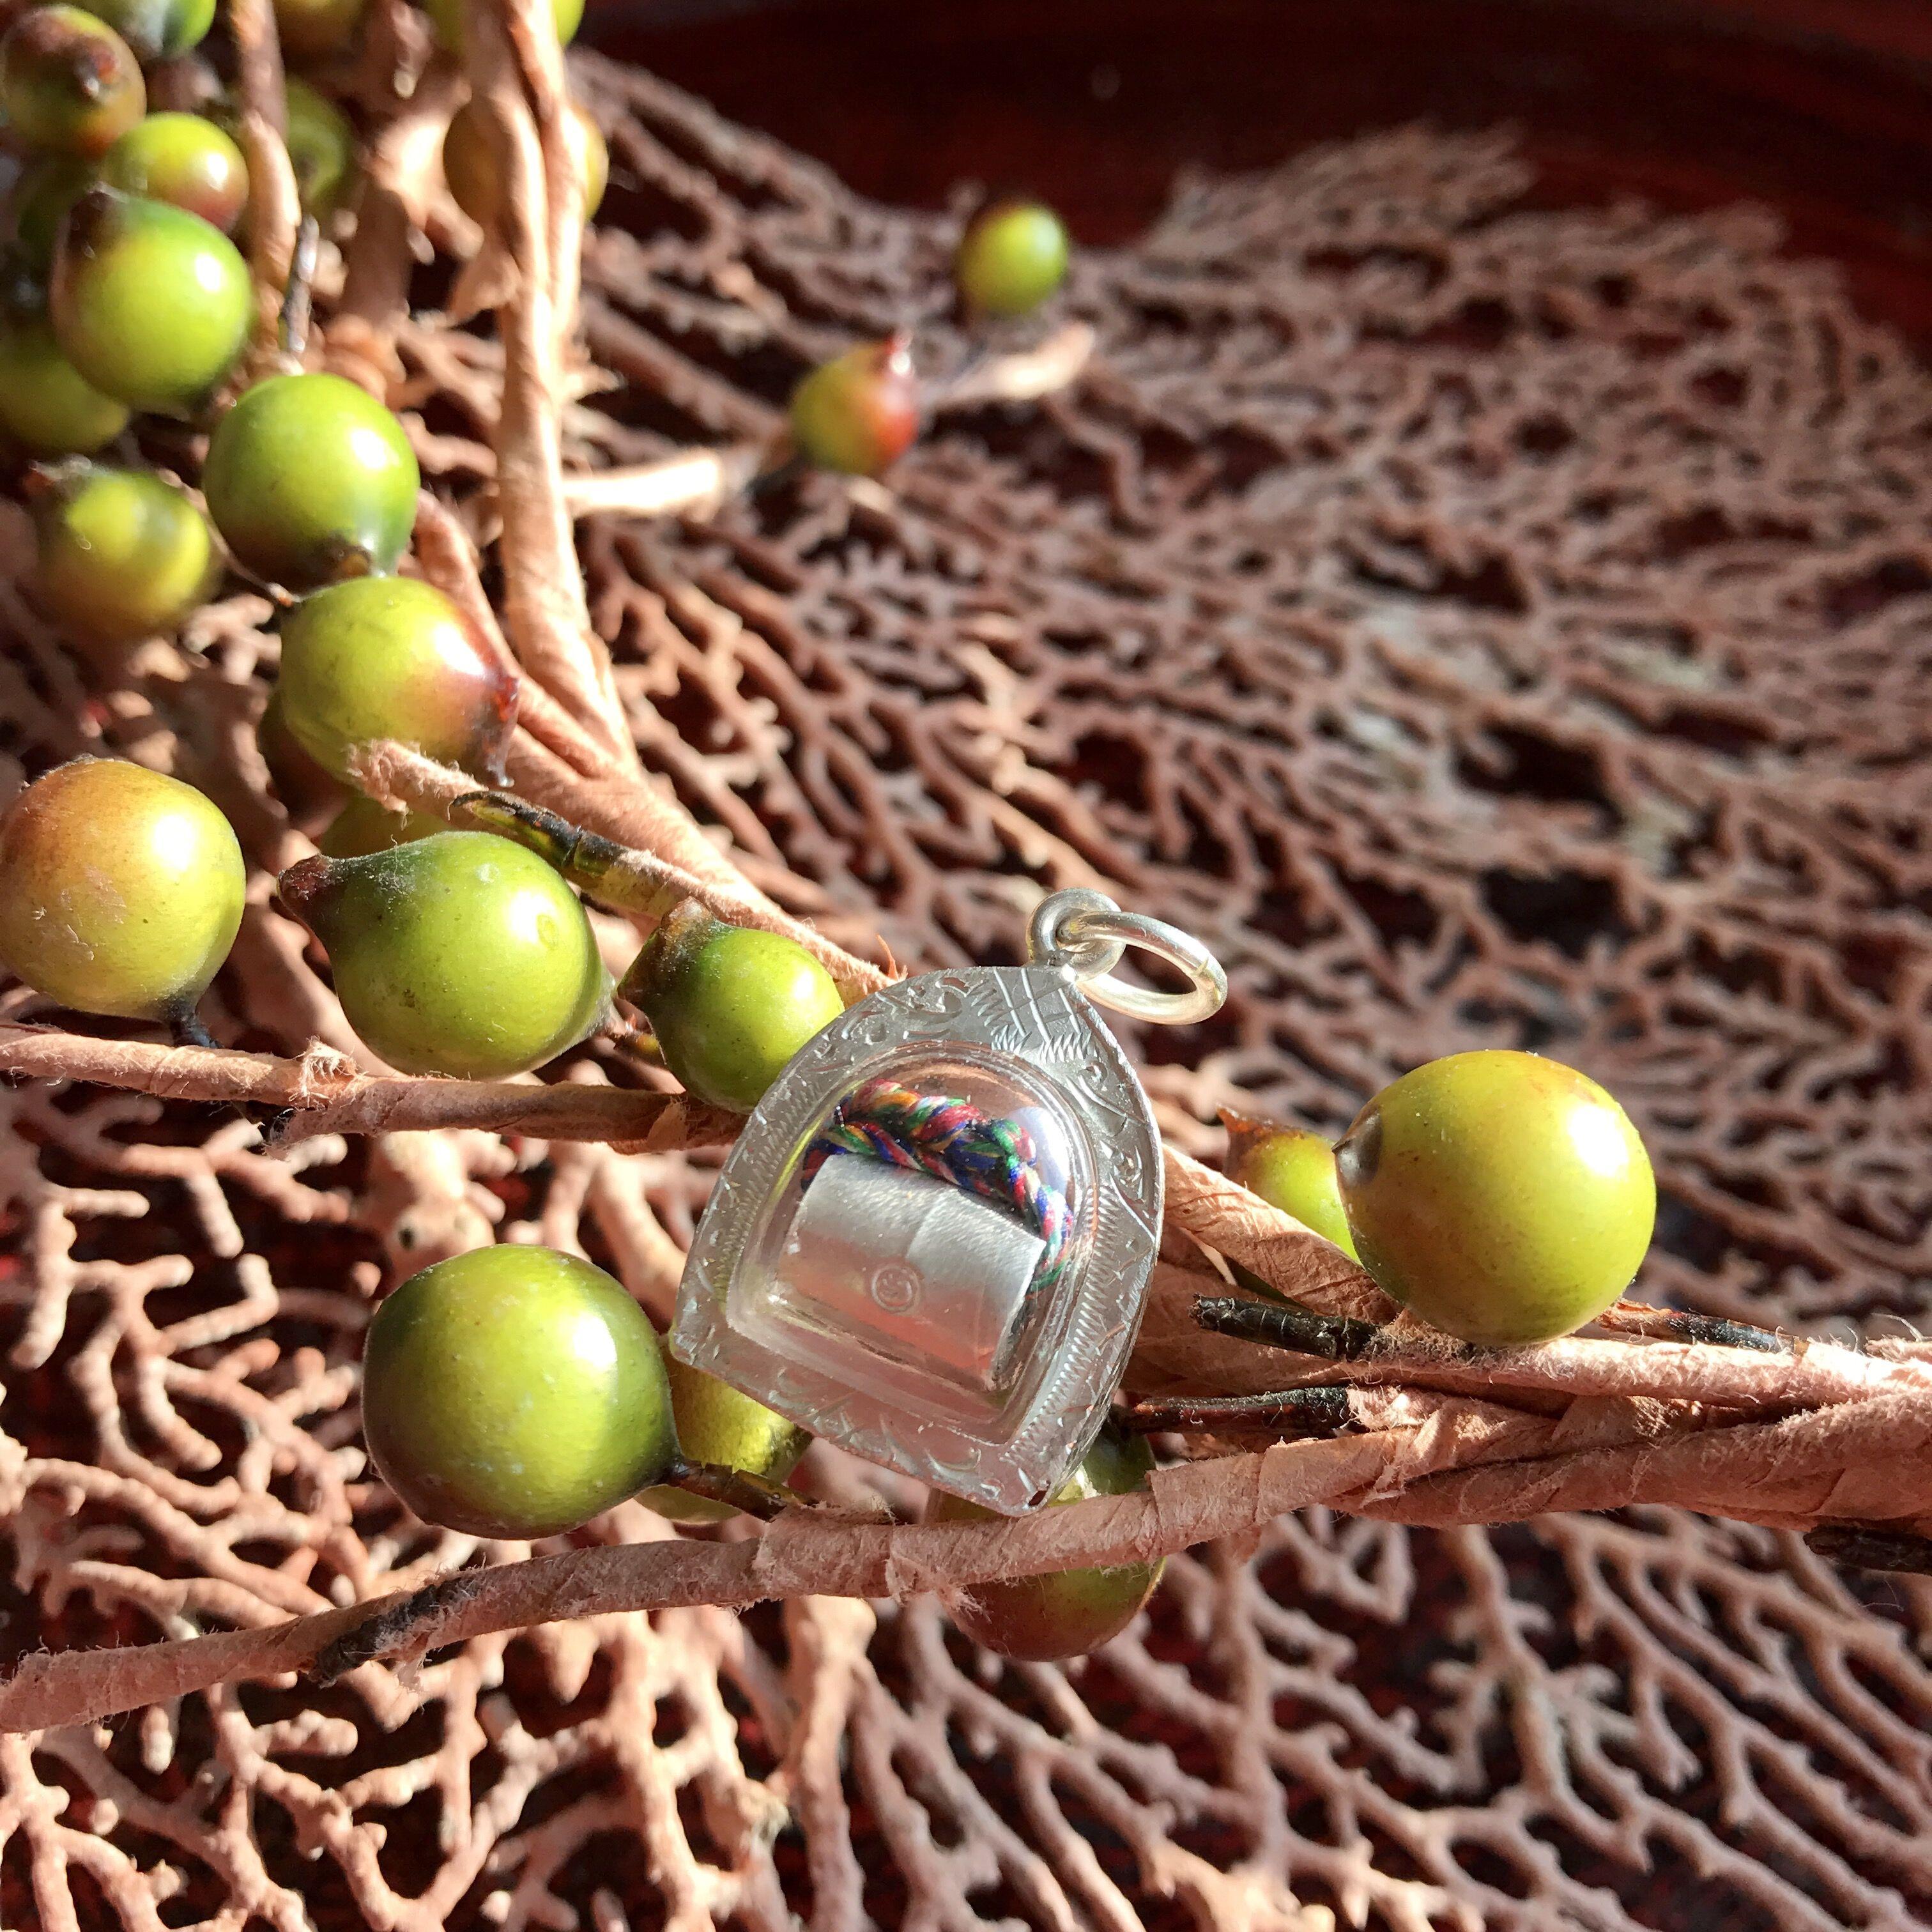 泰国佛牌正品龙婆马哈苏拉萨符管纯银塔固招财保平安包邮贝叶泰佛